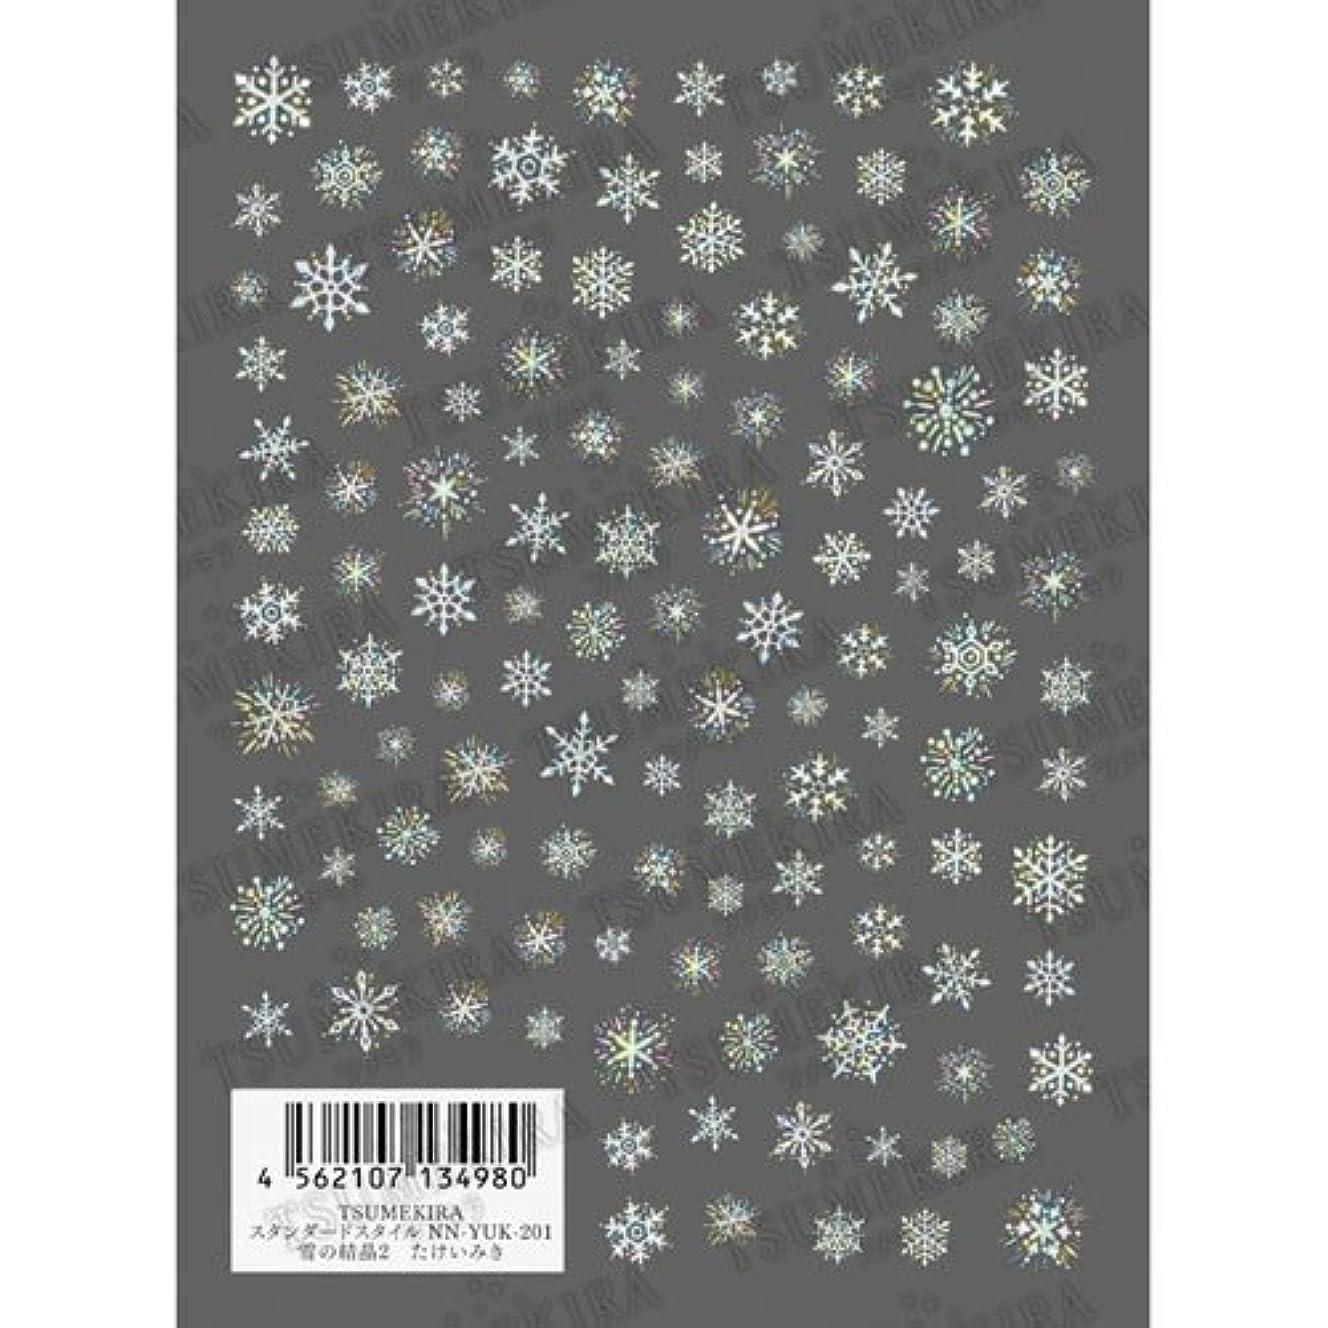 アルファベット順シャツごめんなさいツメキラ ネイル用シール スタンダードシリーズ 雪の結晶2 NN-YUK-201